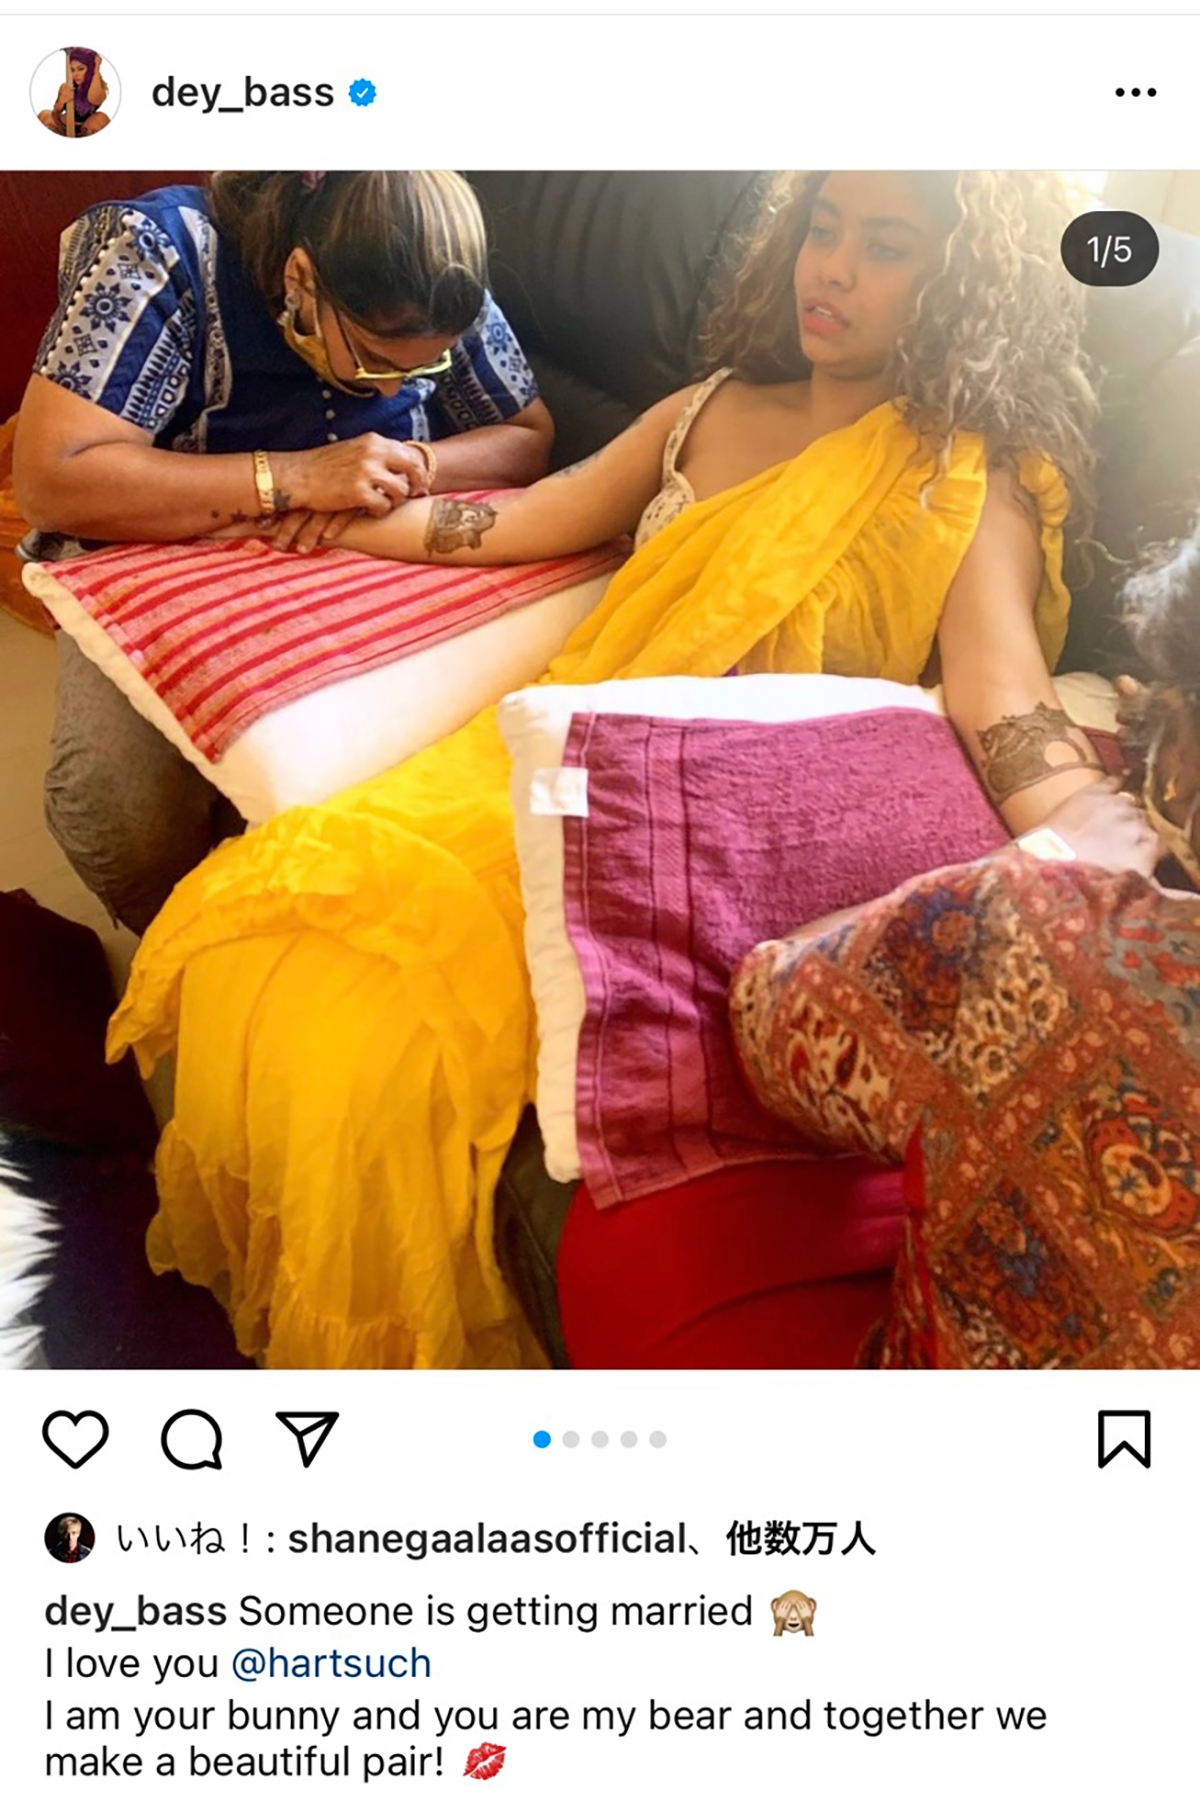 B'zサポートベーシスト・モヒニ・デイが結婚を報告する投稿